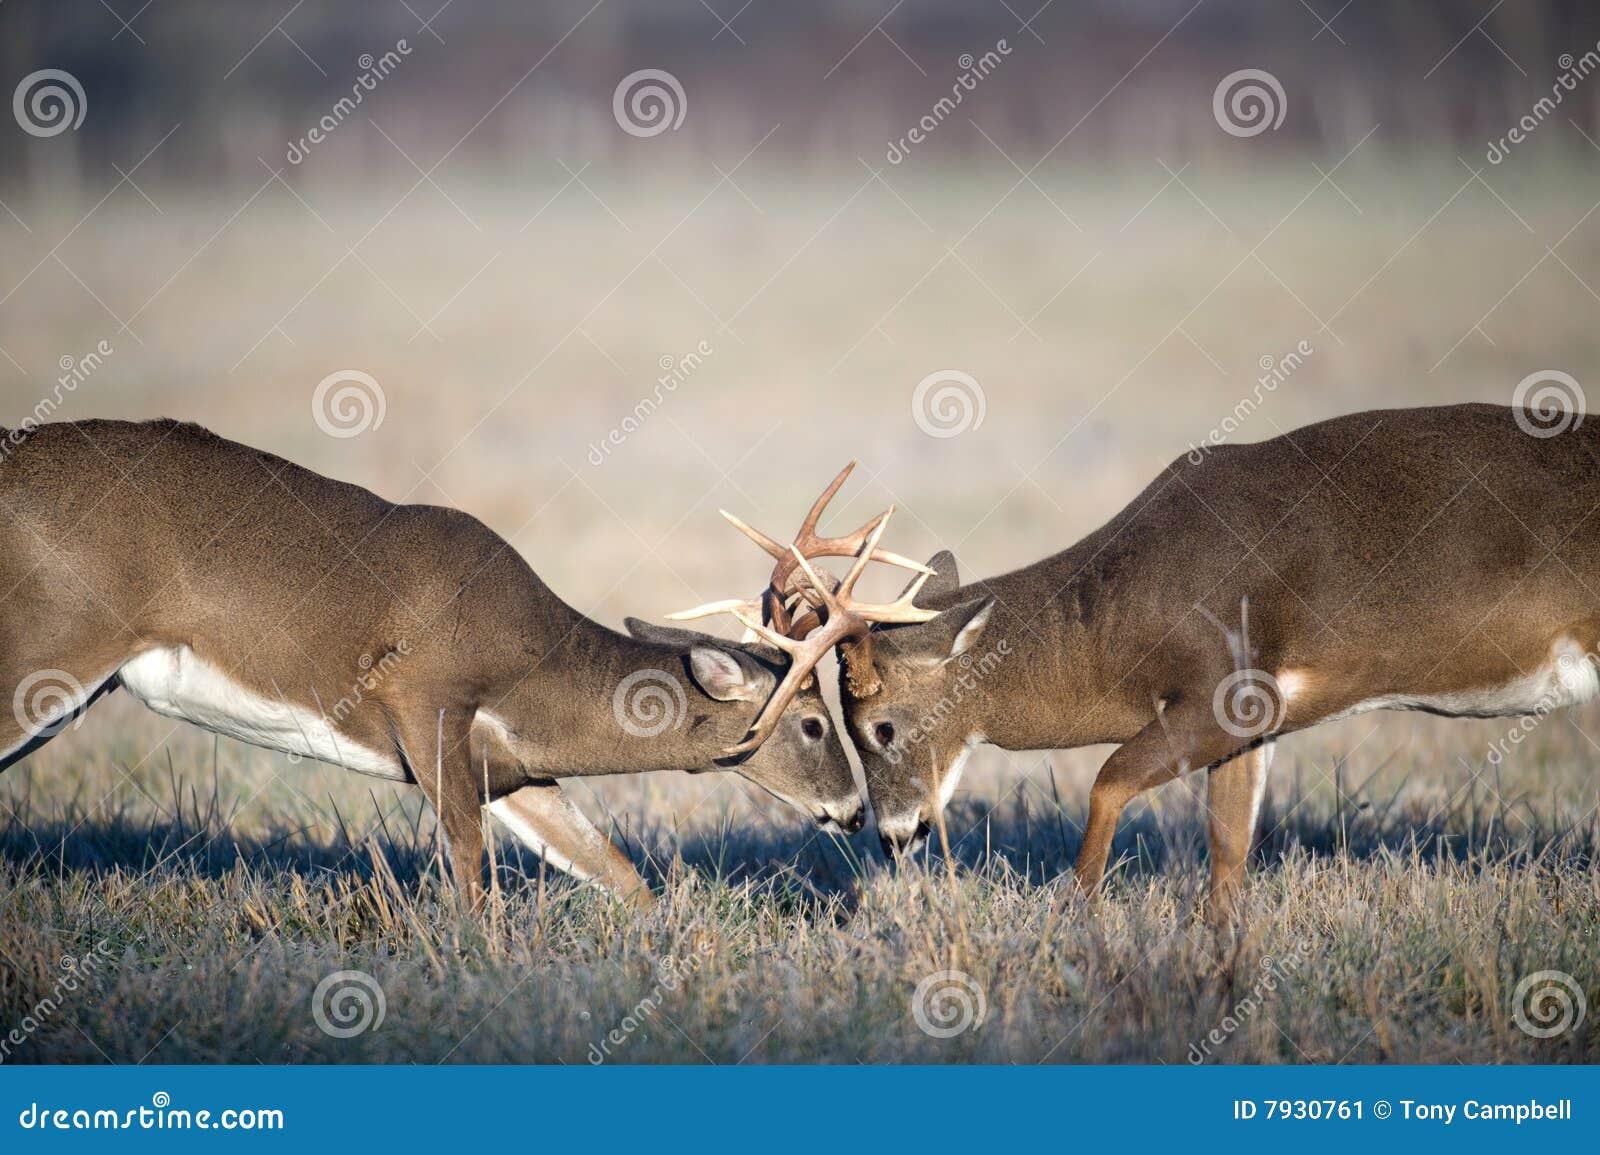 Whitetail Deer Fighting Stock Image Image 7930761